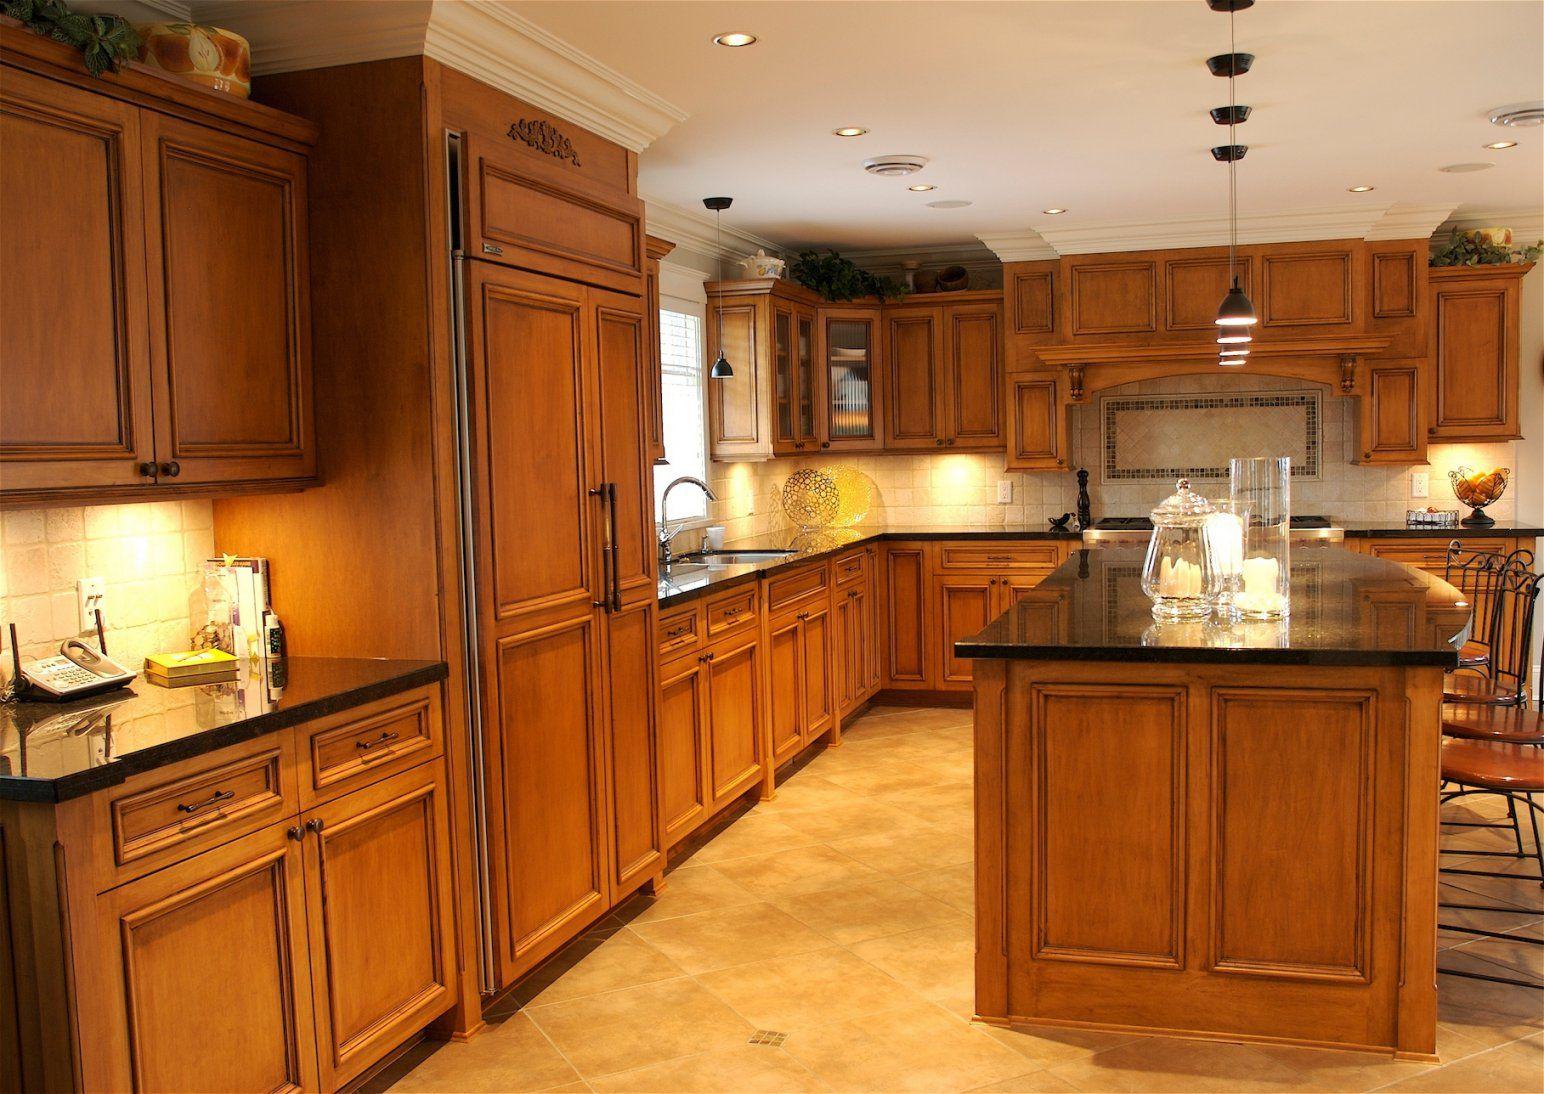 Küche Eiche Rustikal Aufpeppen von Küche Eiche Rustikal Aufpeppen Bild